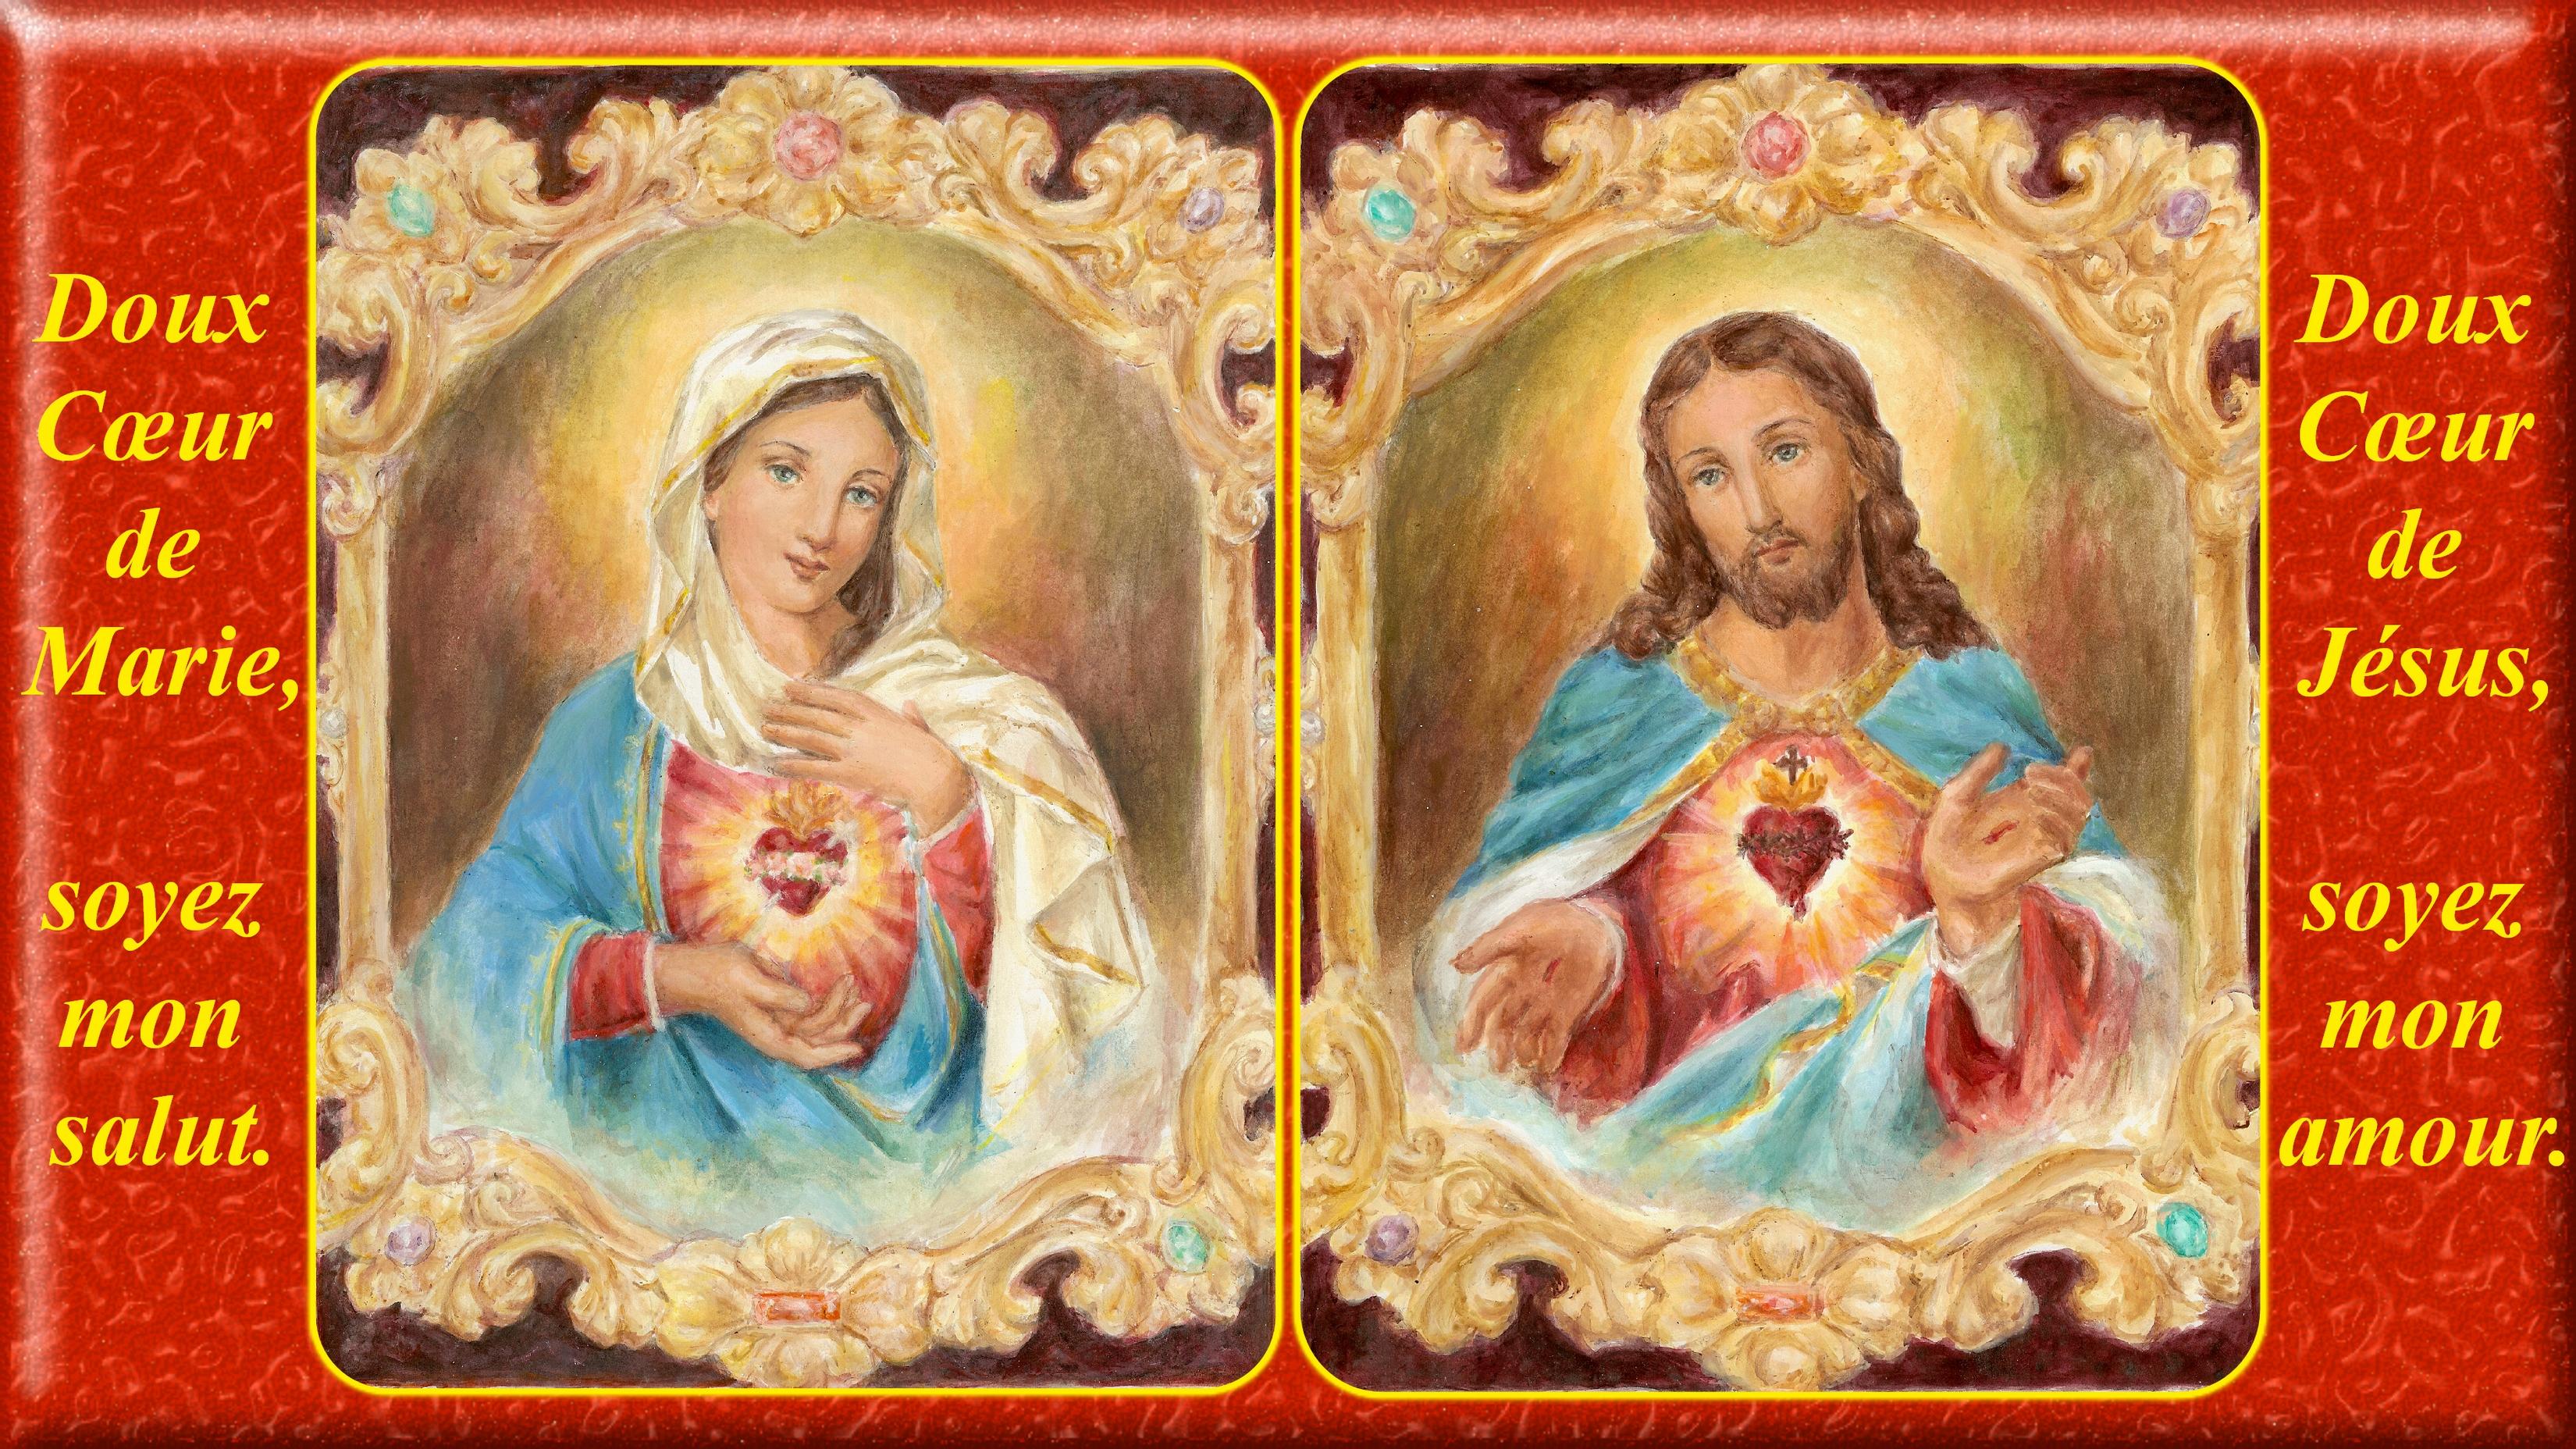 CALENDRIER CATHOLIQUE 2020 (Cantiques, Prières & Images) - Page 18 Les-sacr-s-coeurs...de-marie-577d66b